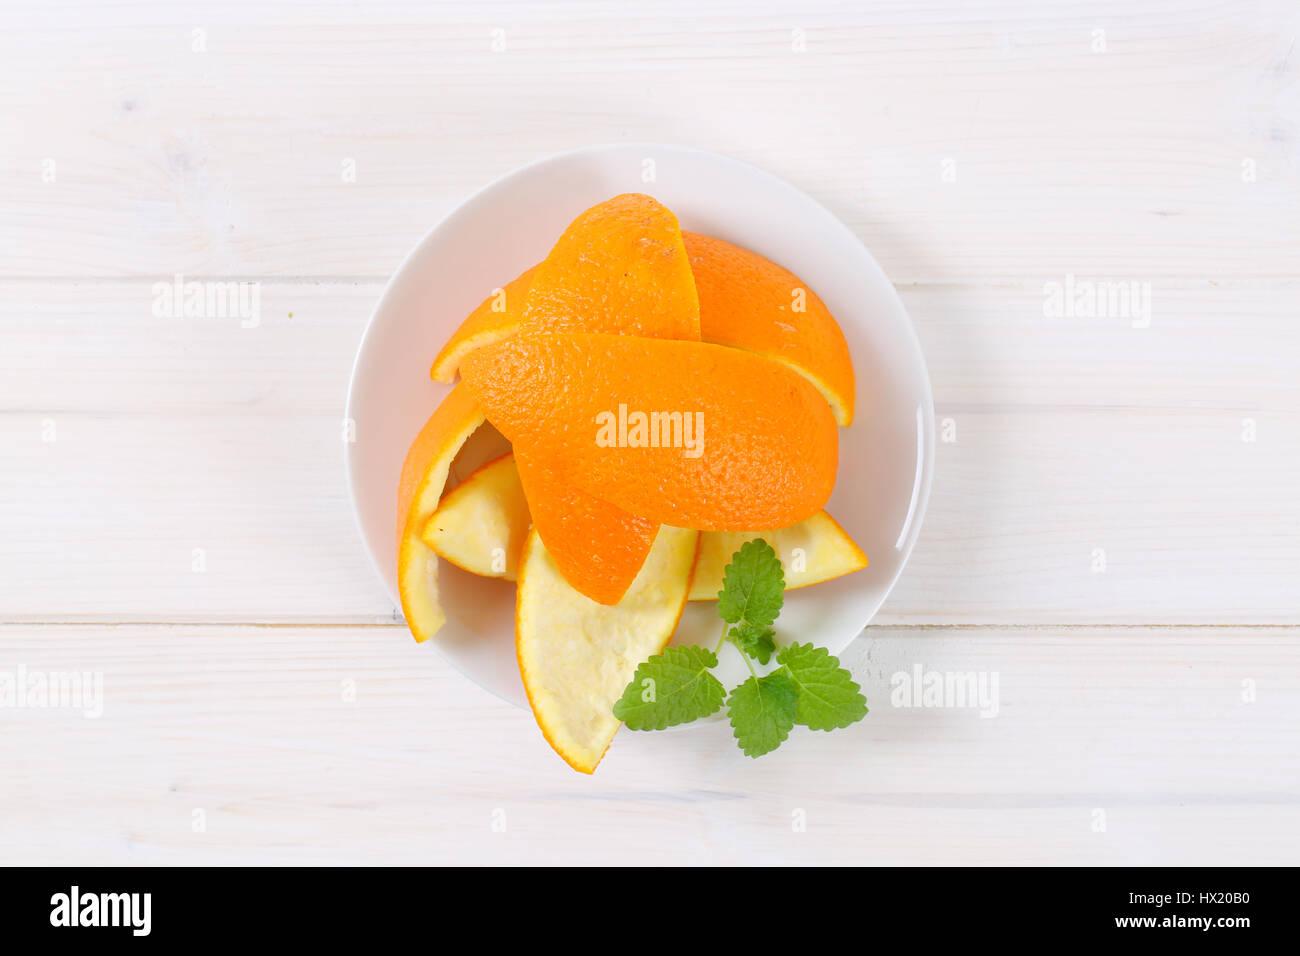 plate of orange peels on white background - Stock Image